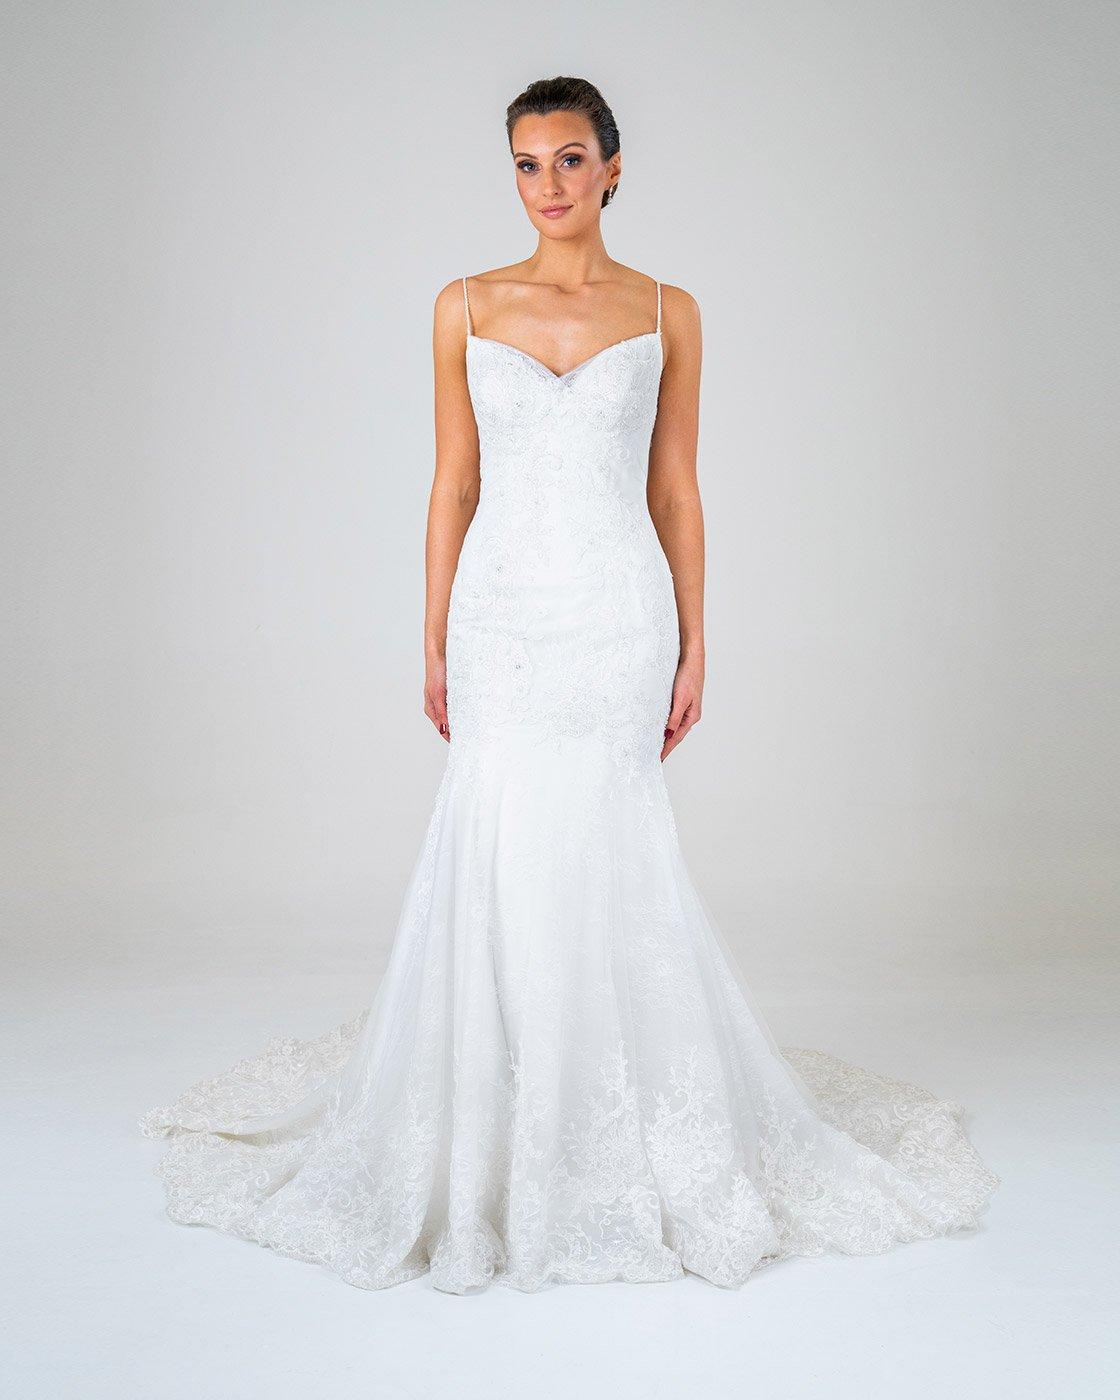 Unique Wedding Dresses Au: Brides Of Armadale